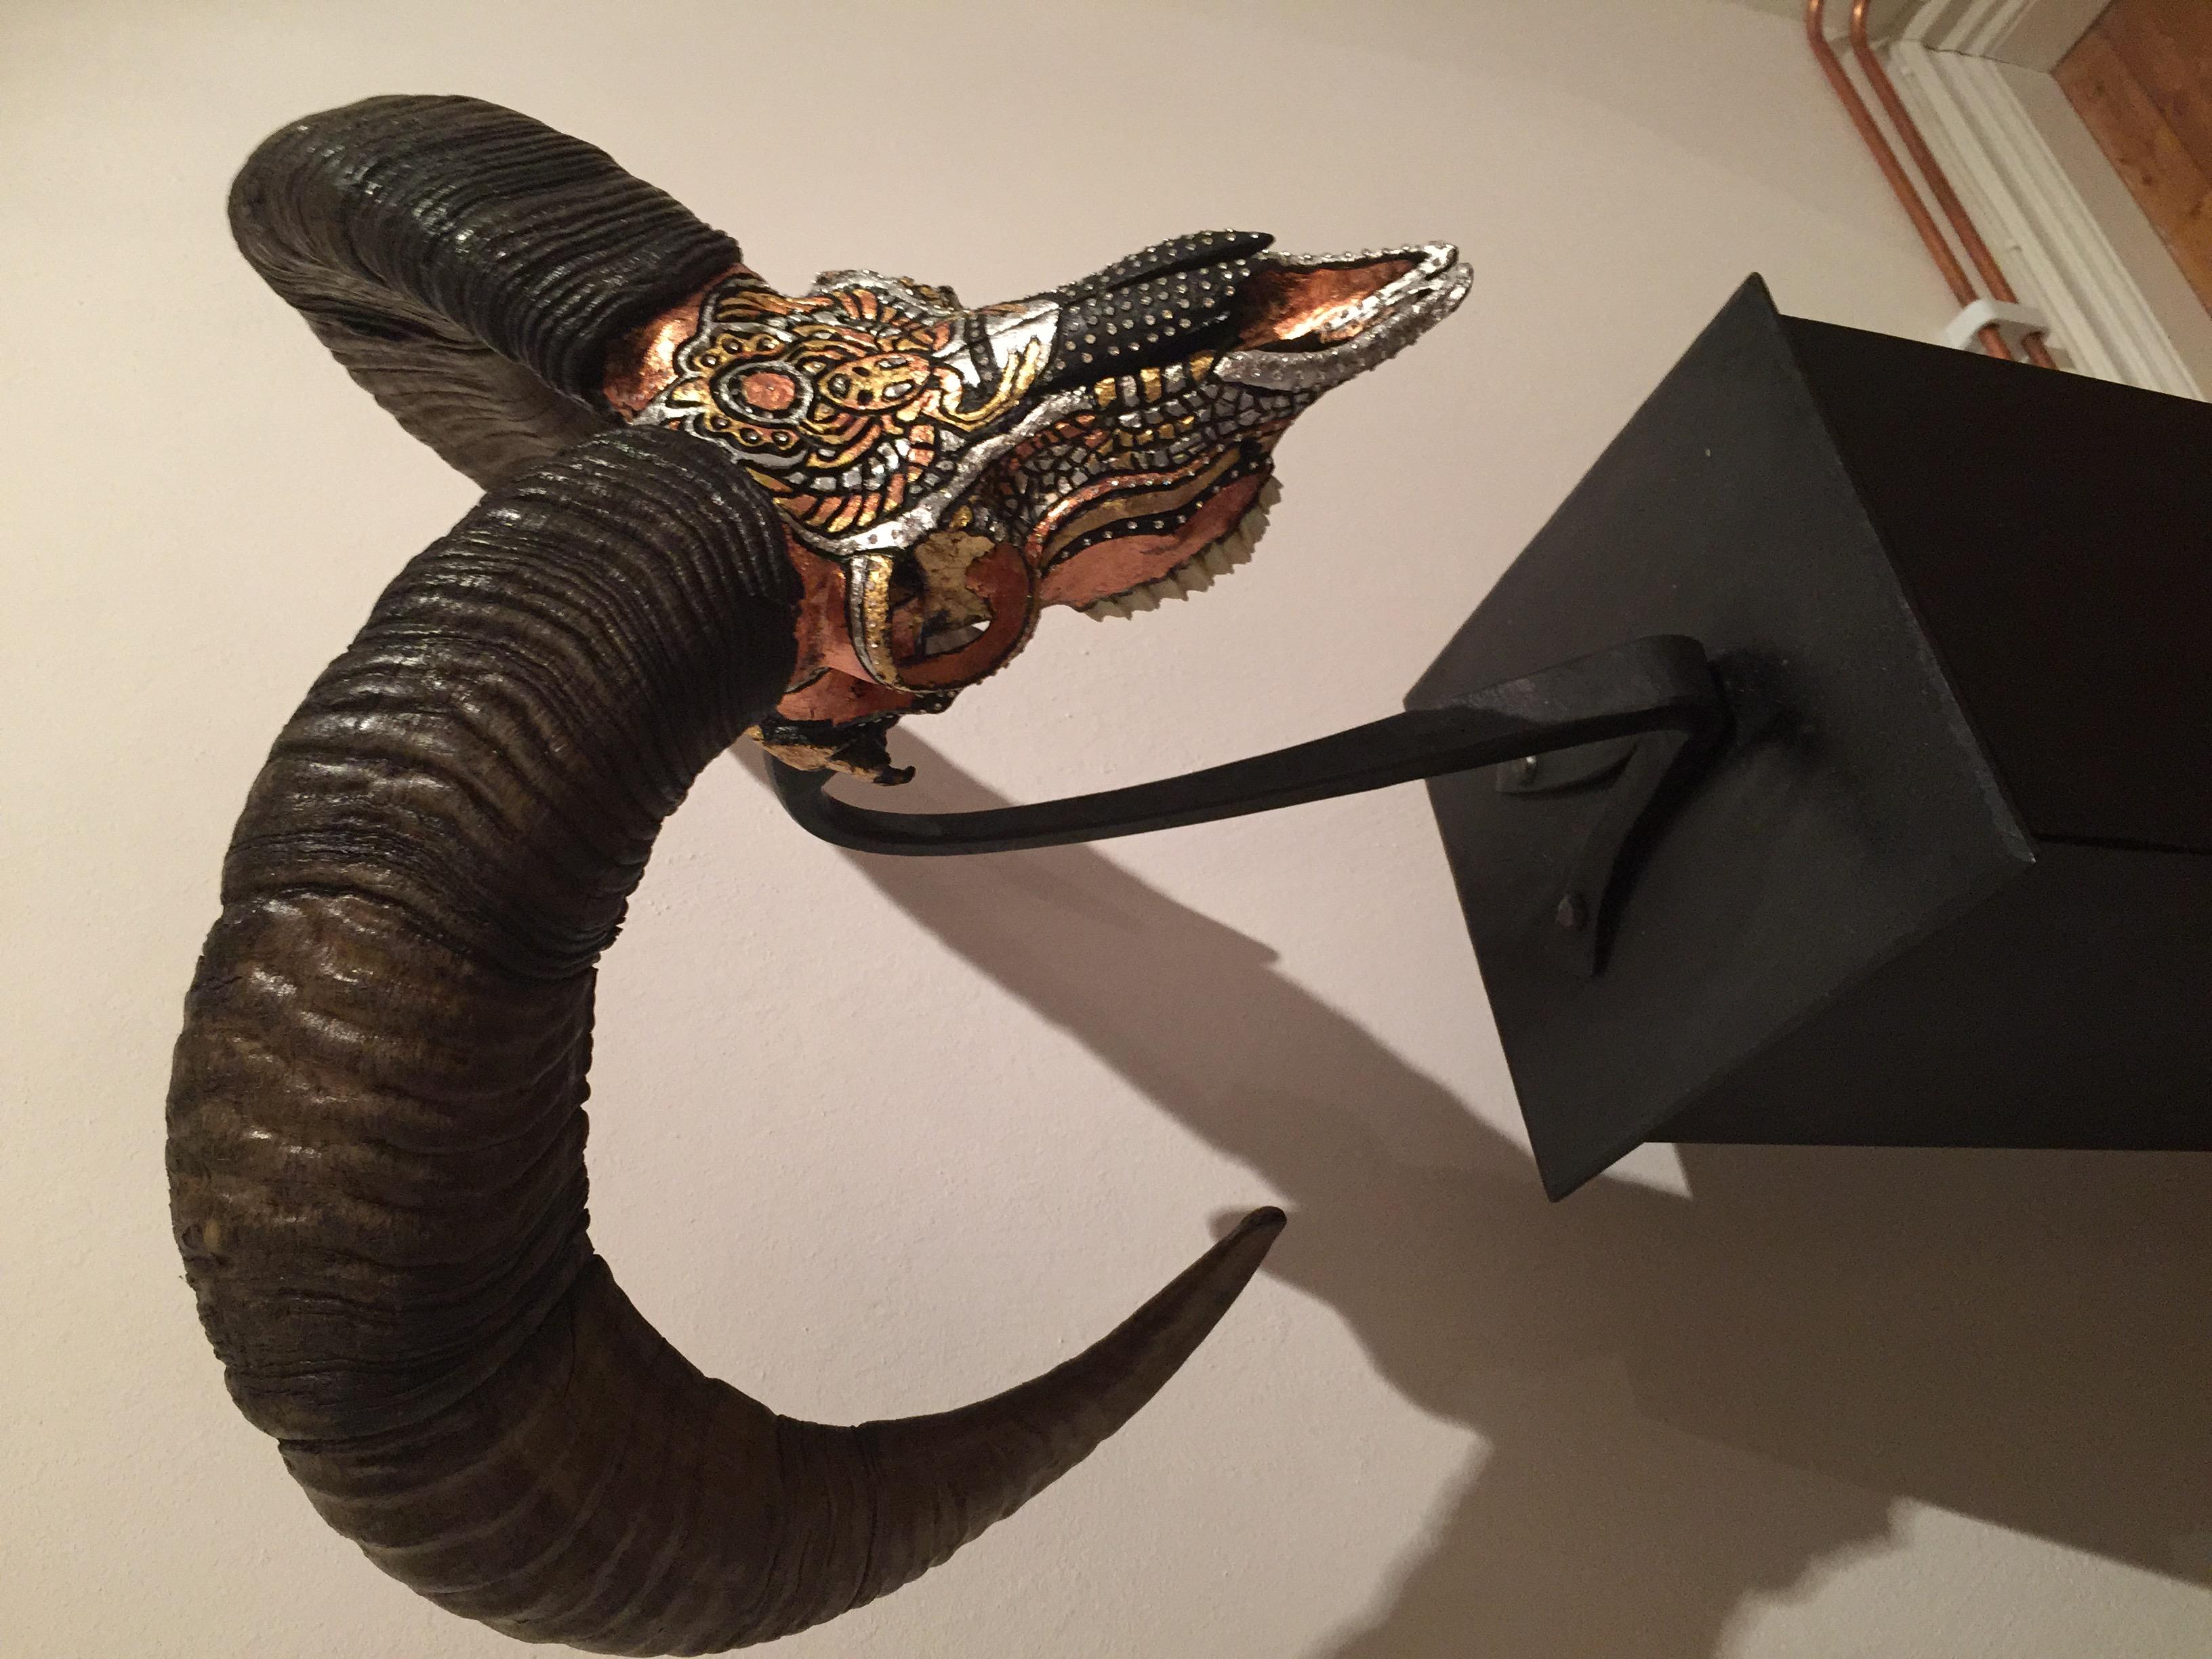 petra-shara-stoor-skull-art-ruxhur-1.JPG